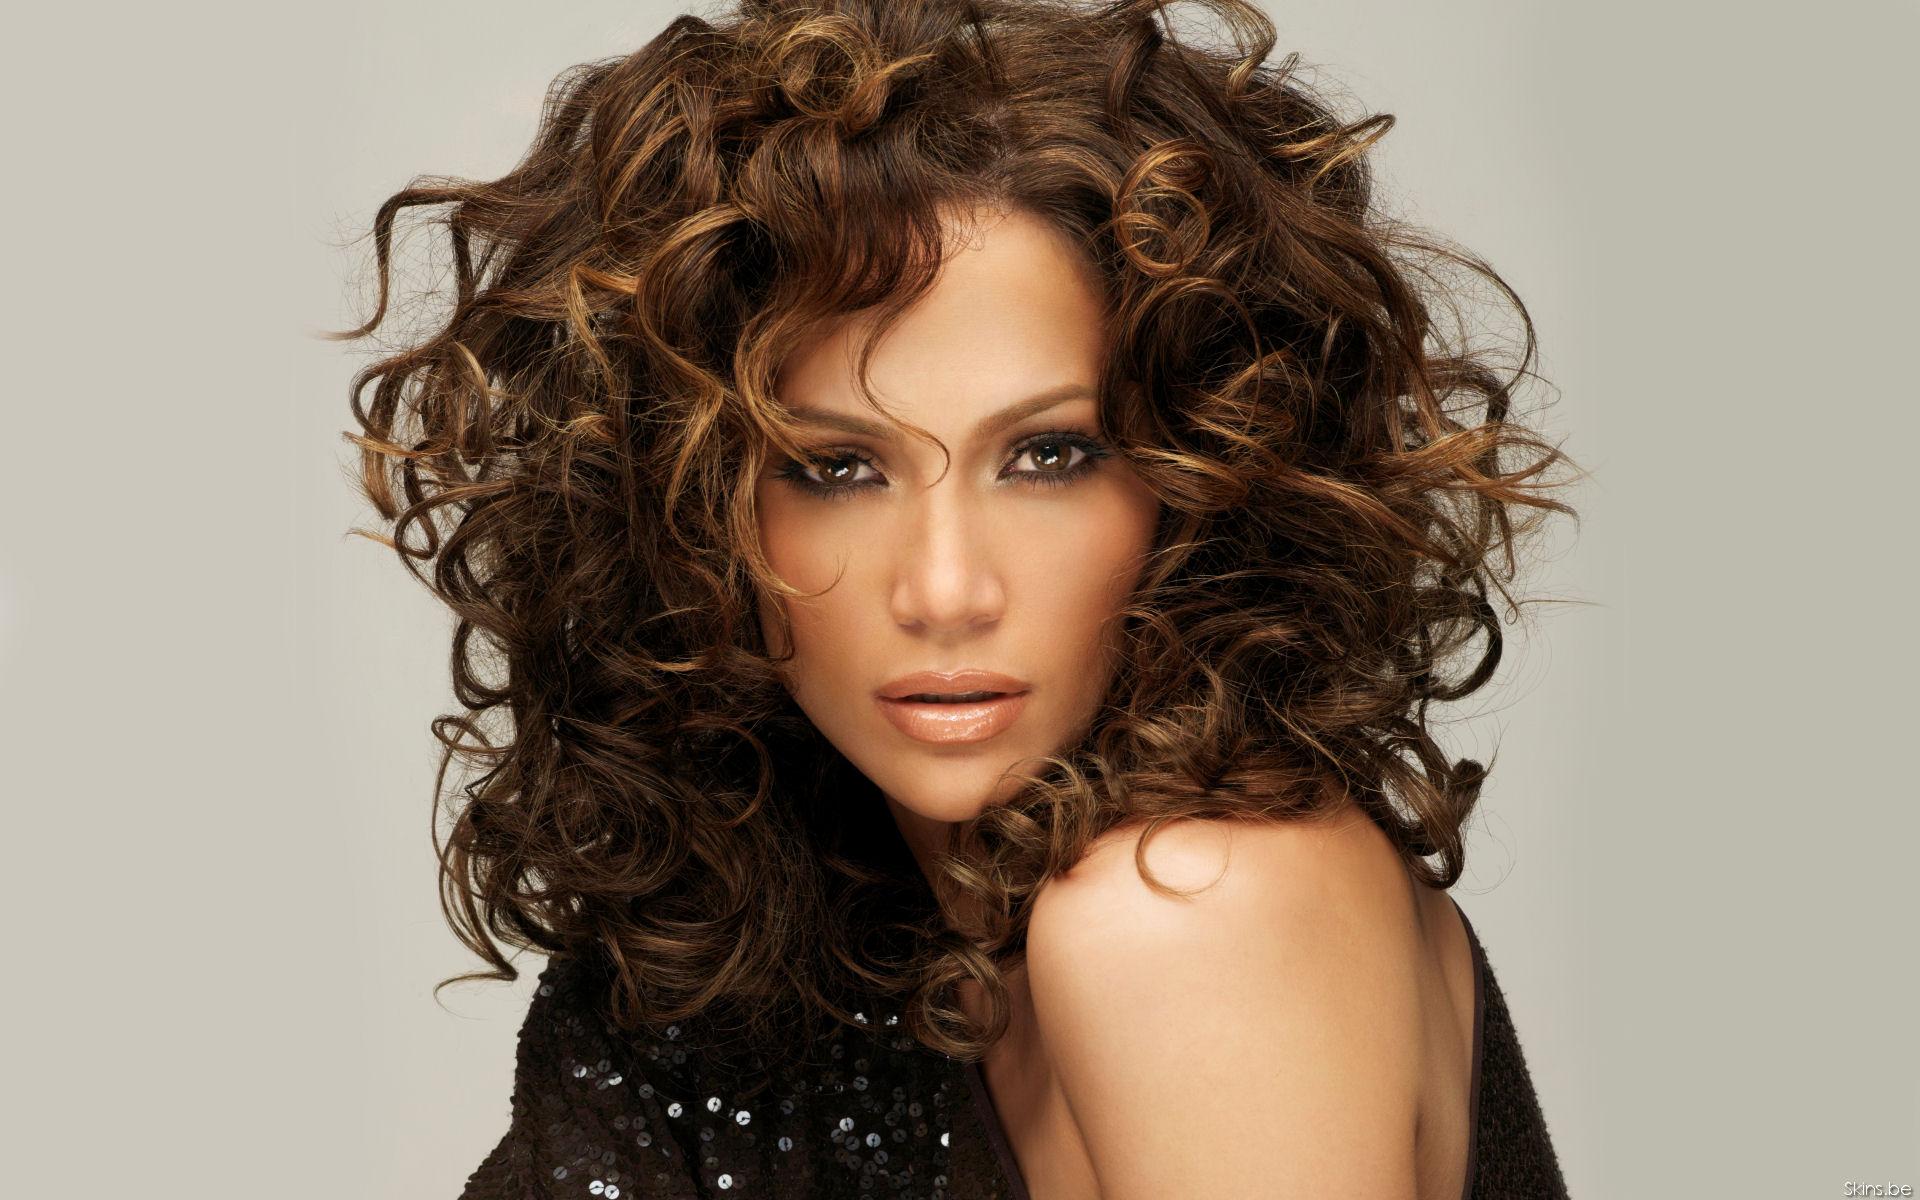 Jennifer Lopez con rulos - 1920x1200